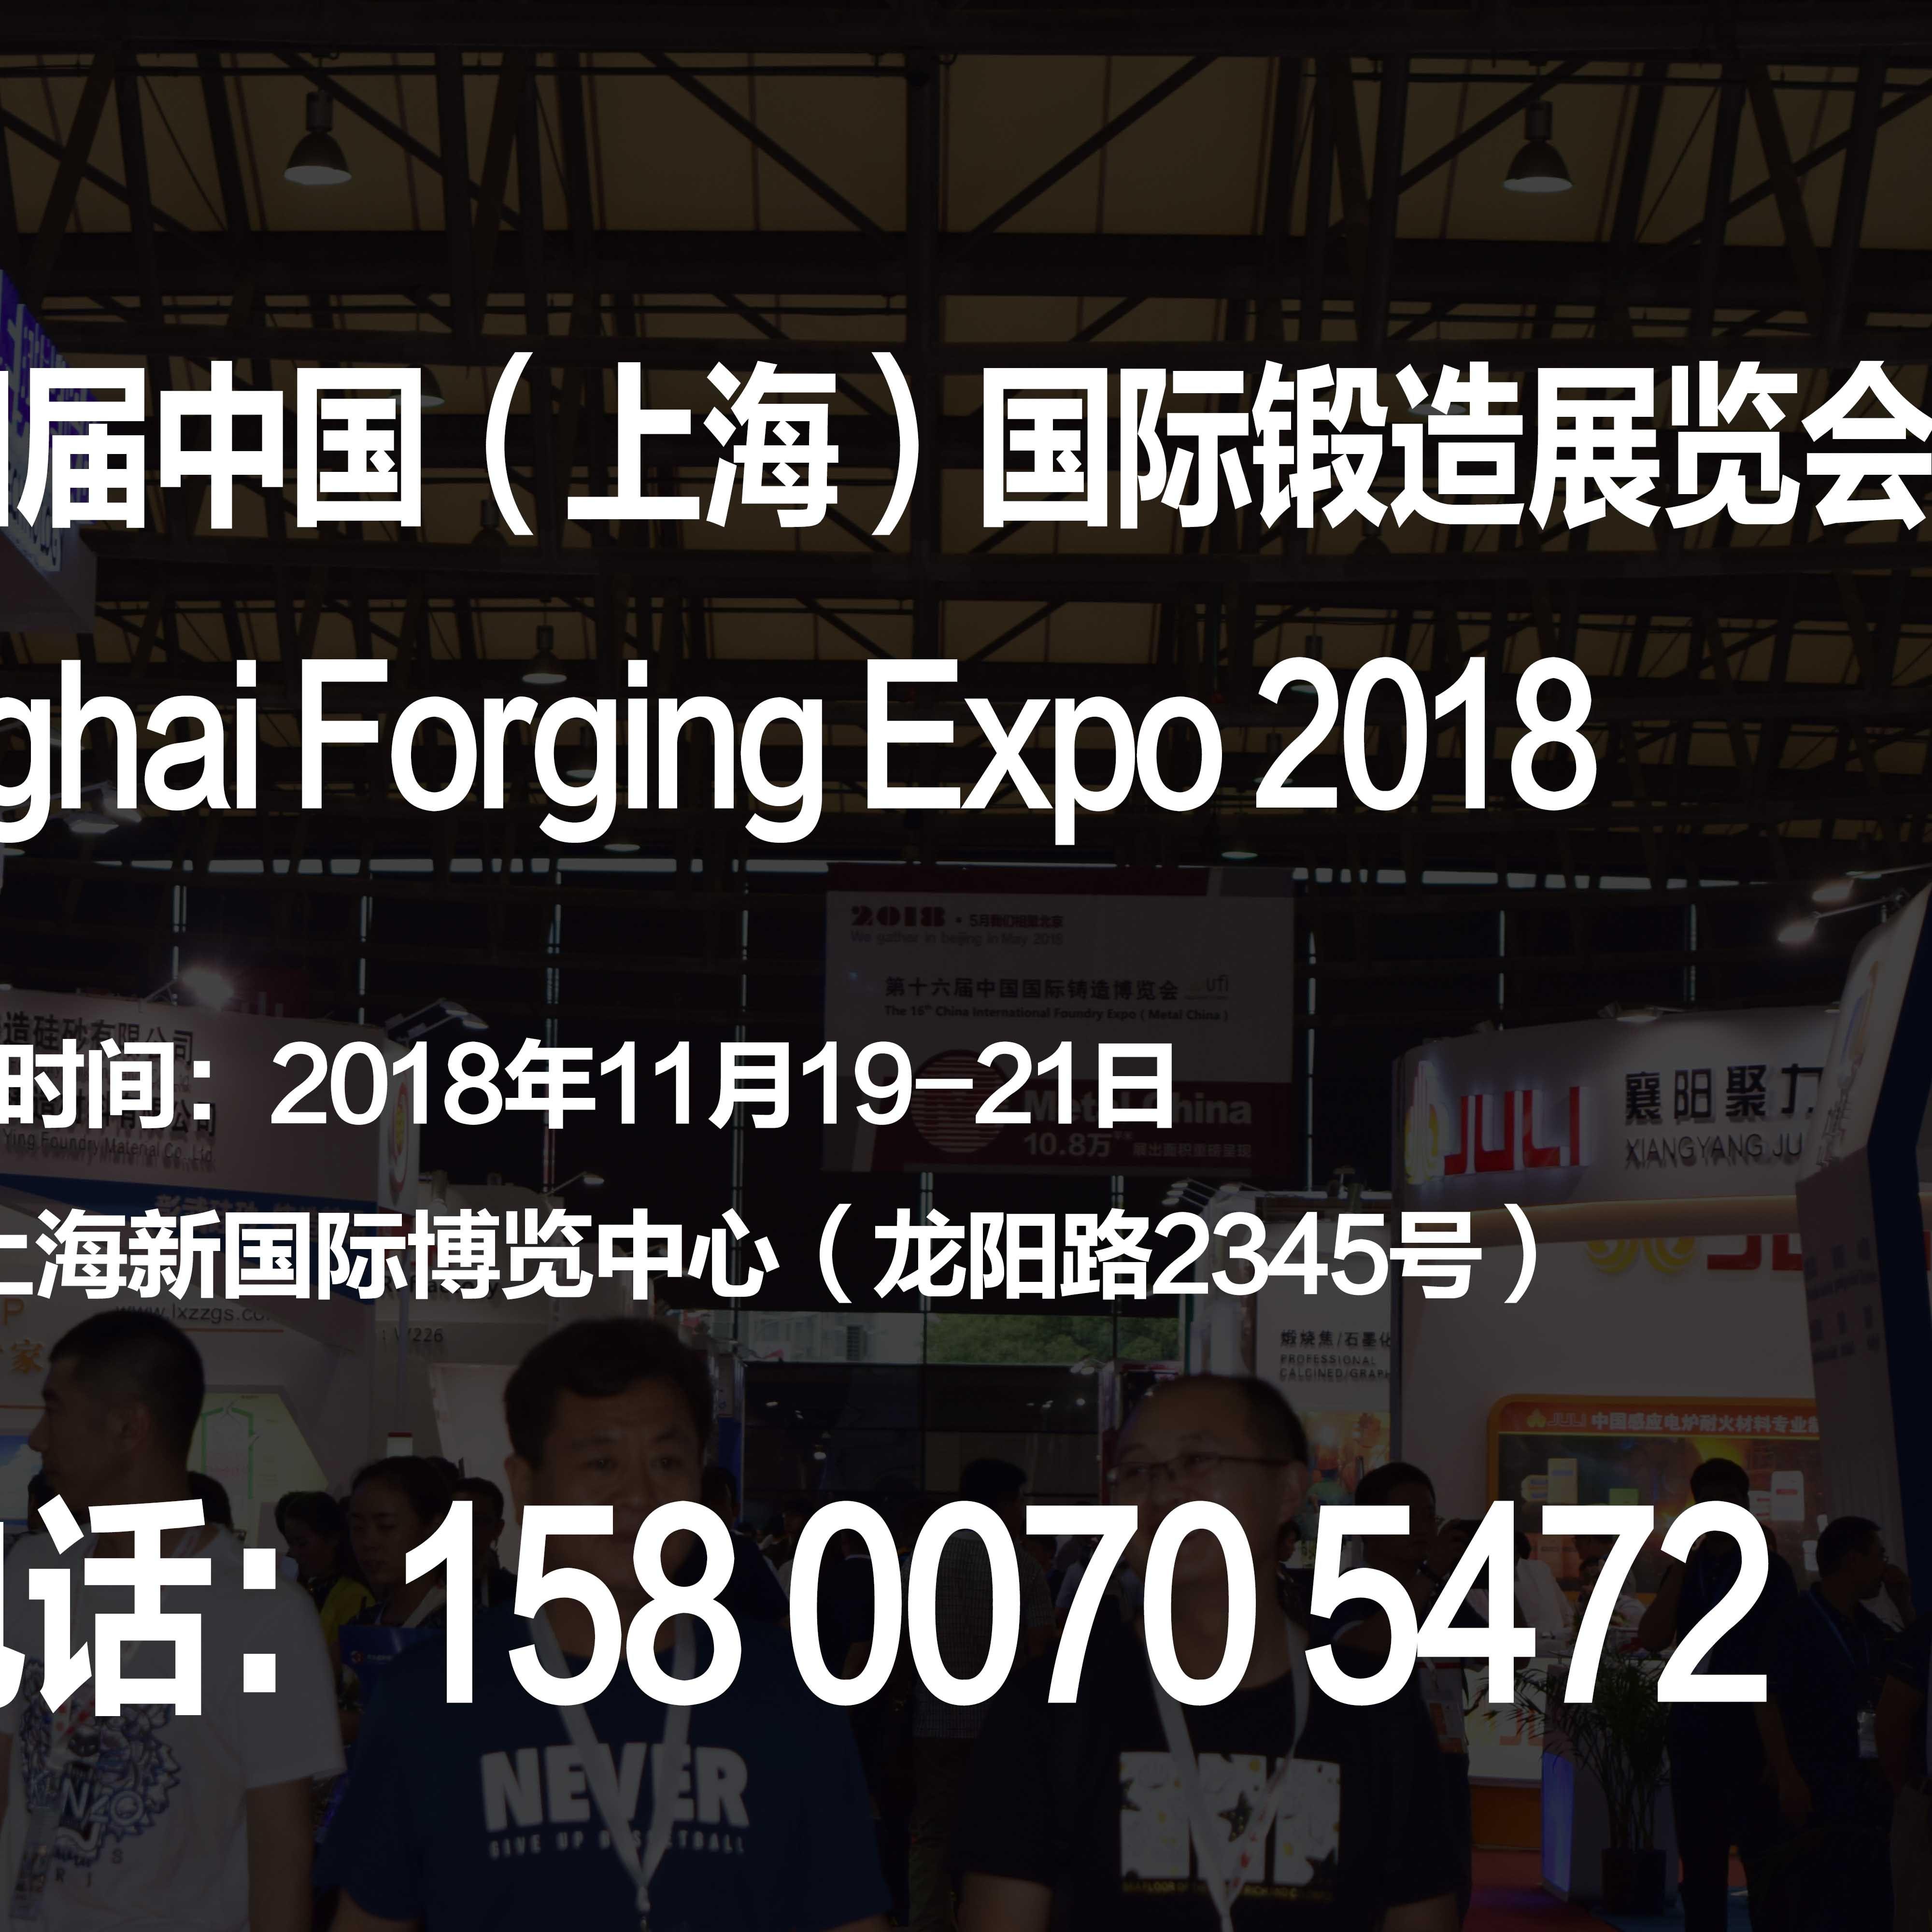 2018第十四届中国(上海)国际锻造展览会 报名热线15800705472